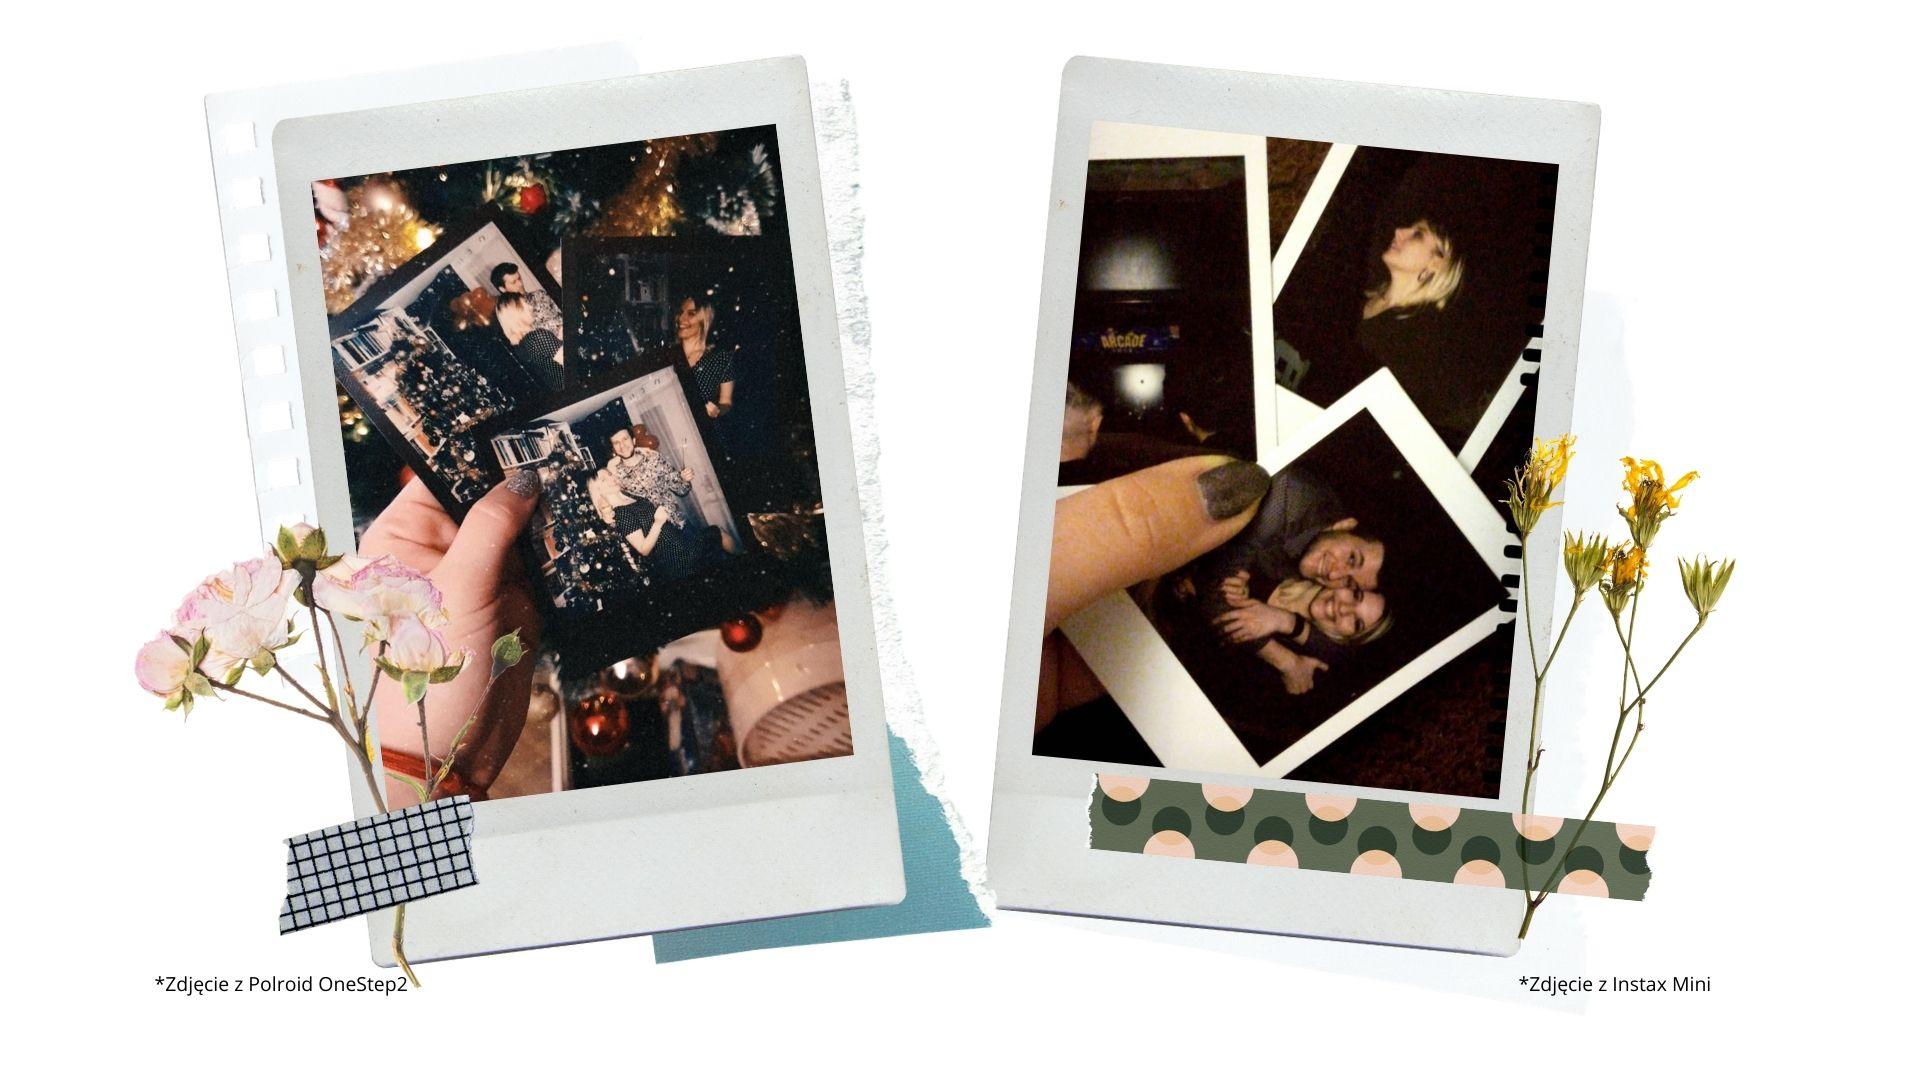 3 porownanie polaroid i instax jak wygladaja zdjecia ile kosztuja wklady do instaxa i polaroid